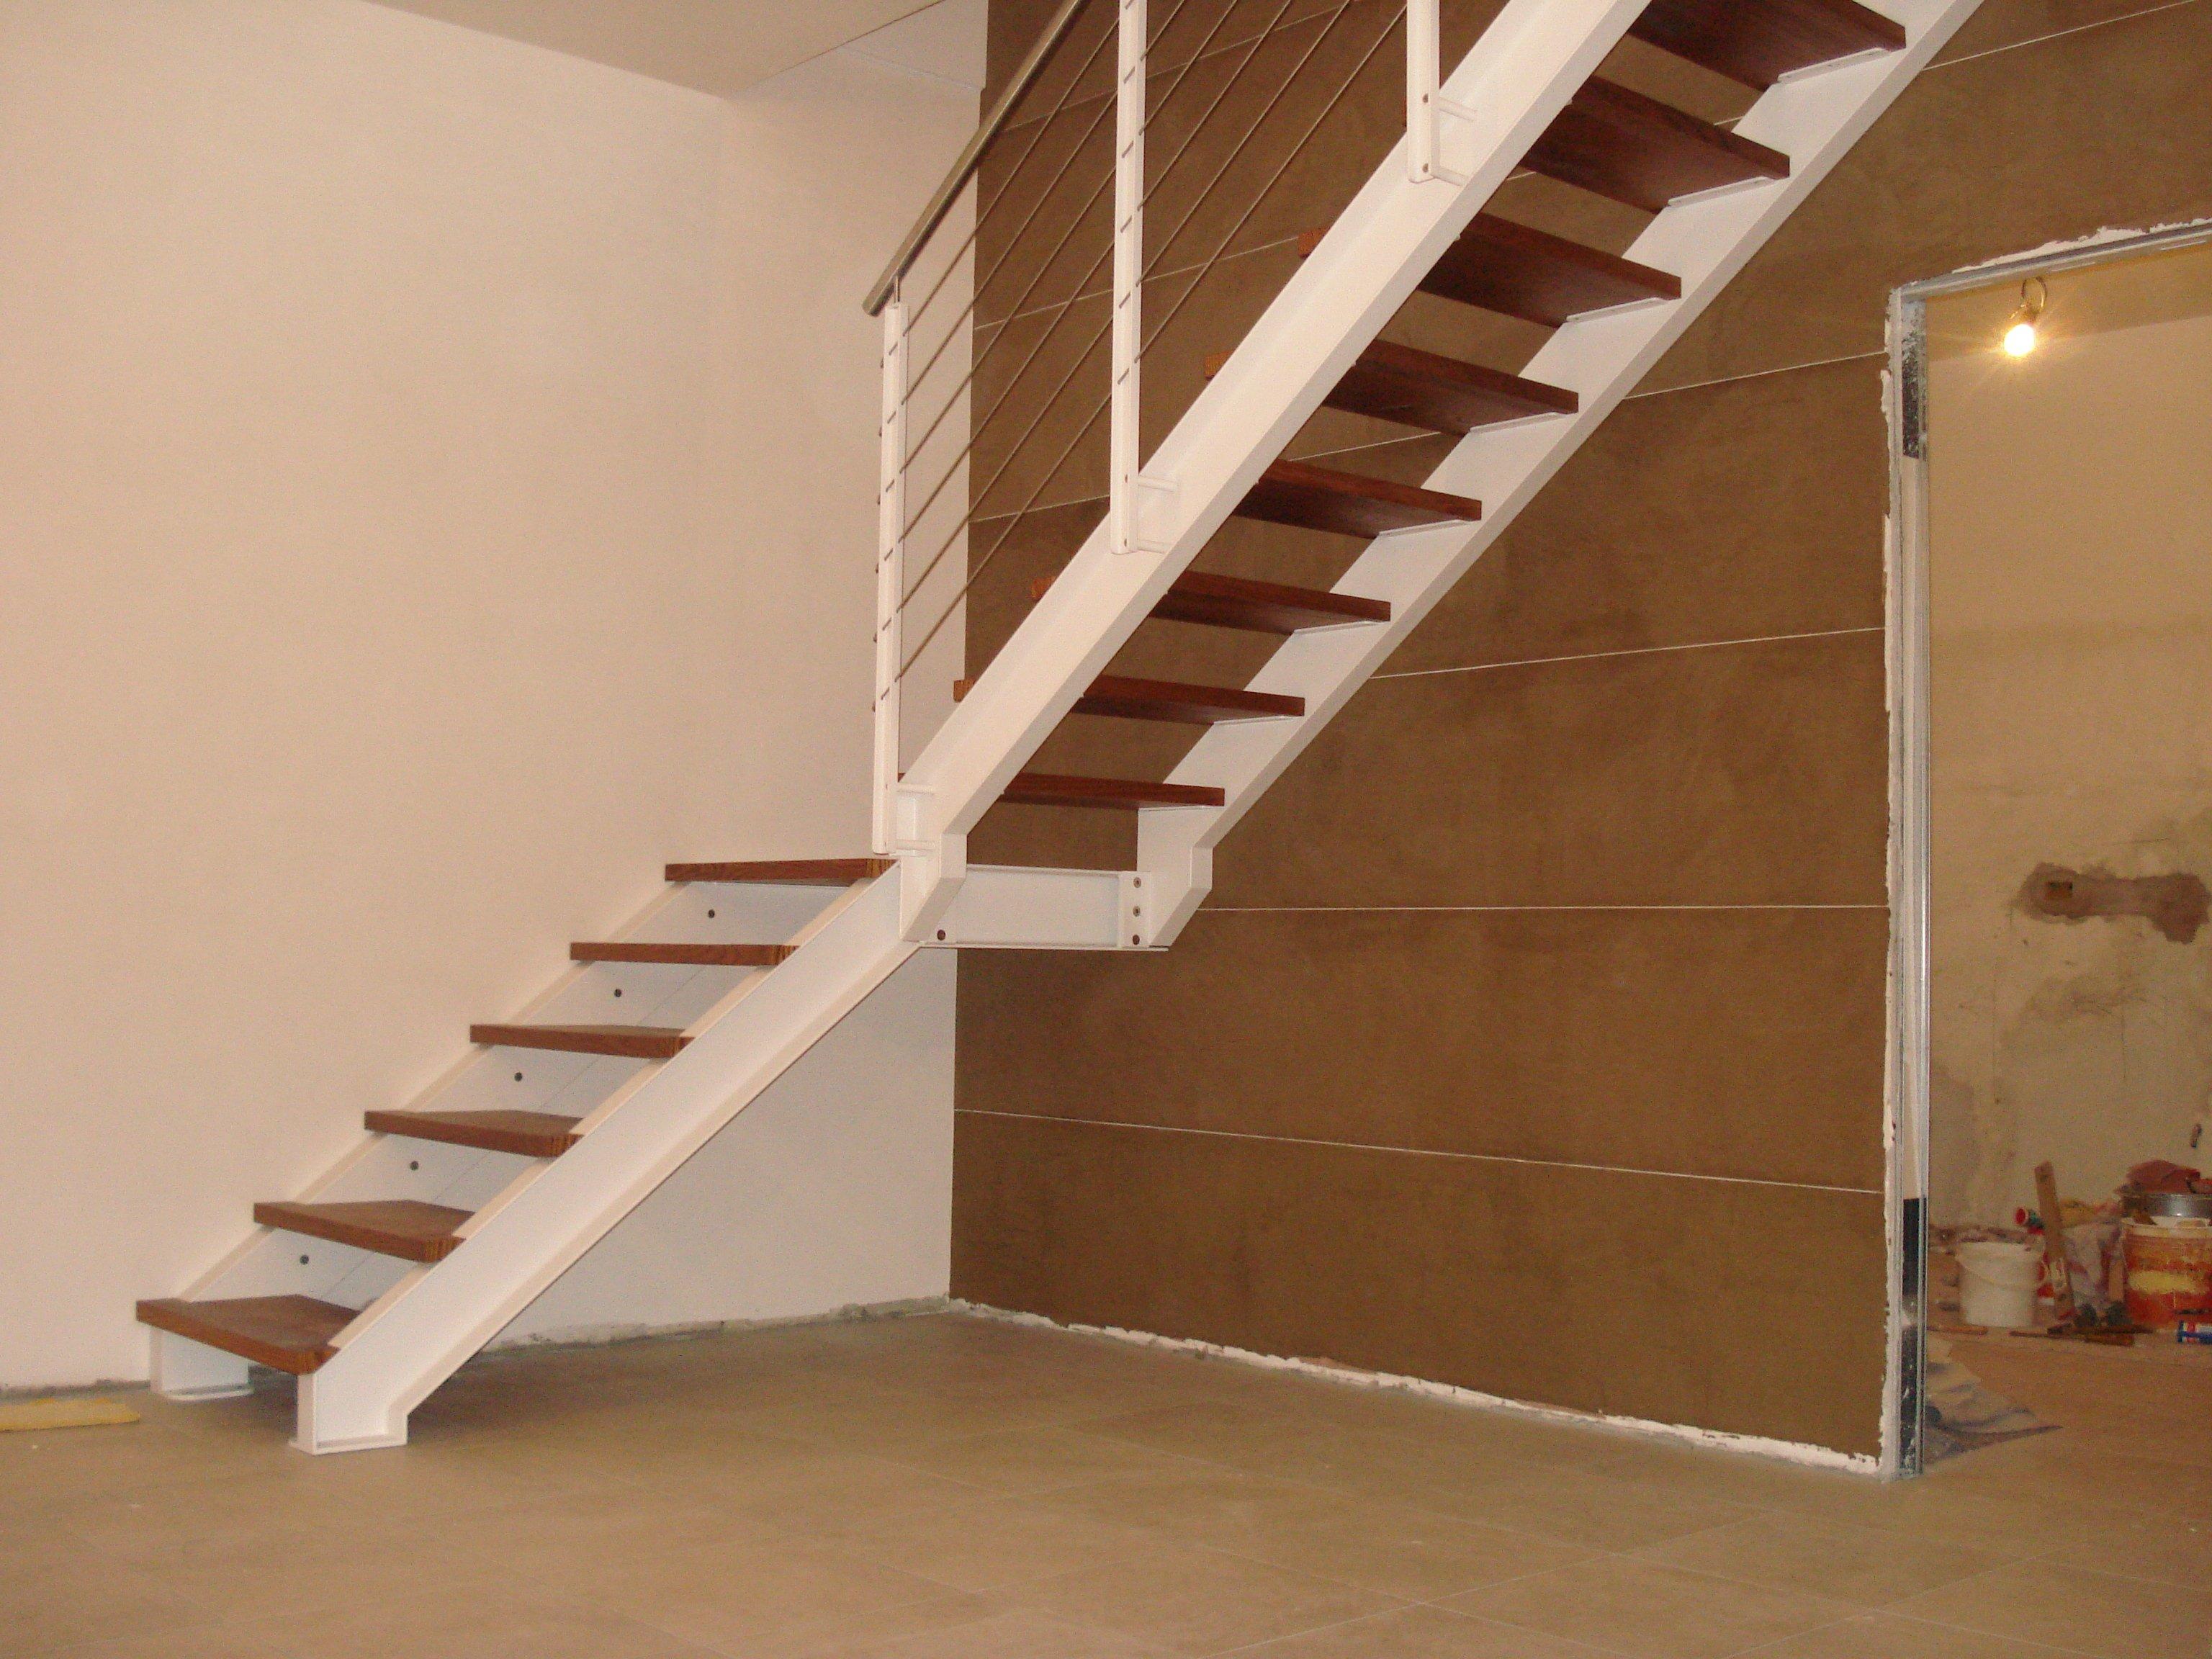 scala in legno con angolo